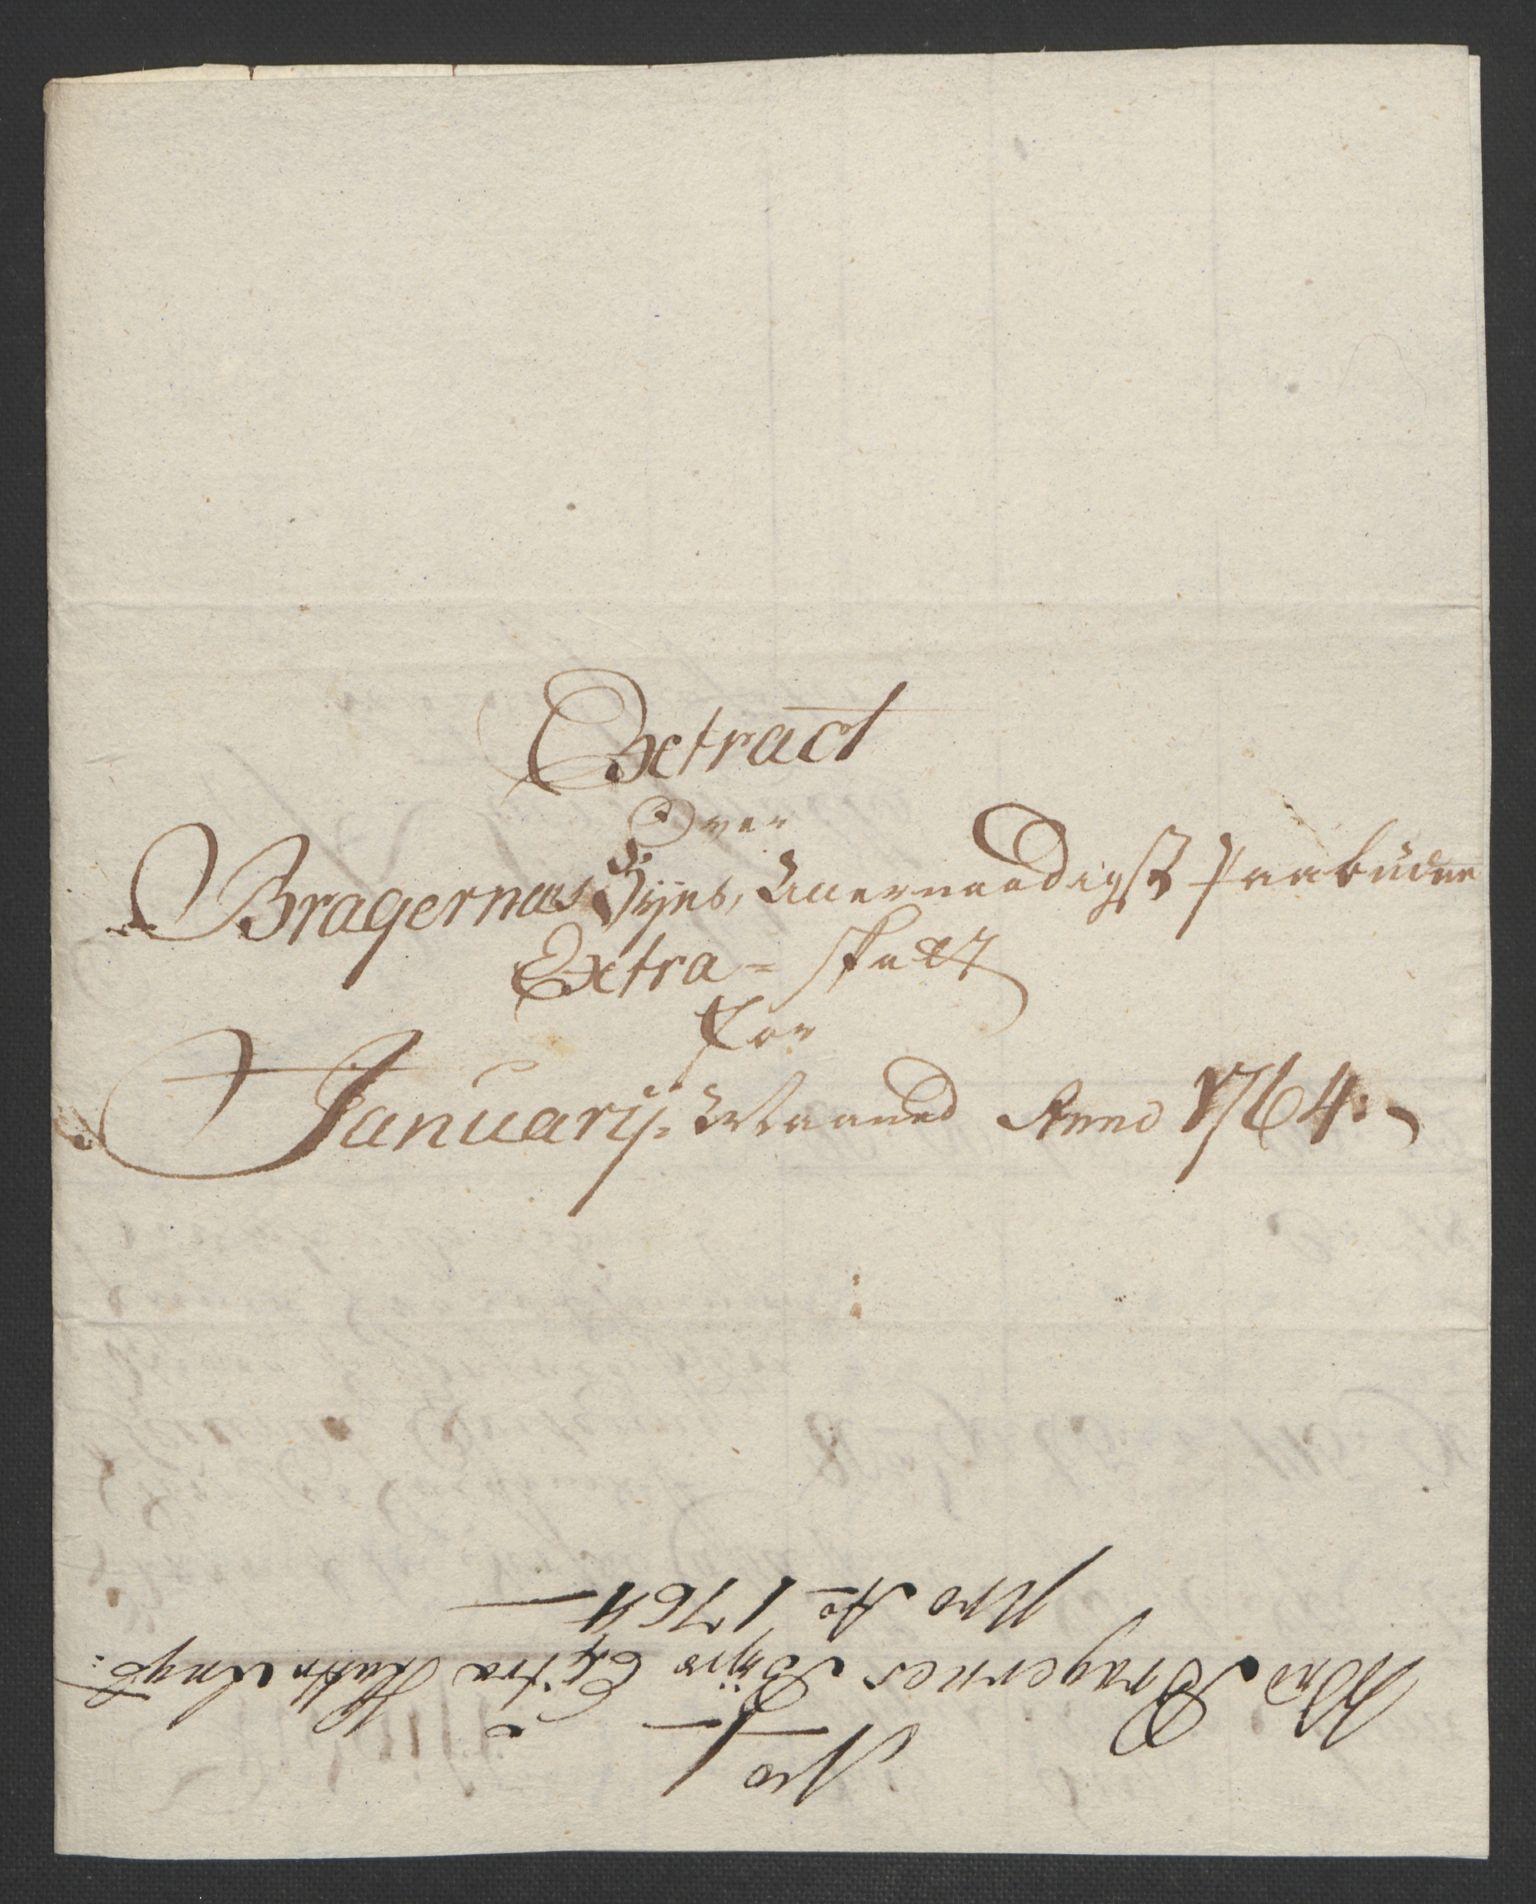 RA, Rentekammeret inntil 1814, Reviderte regnskaper, Byregnskaper, R/Rf/L0119: [F2] Kontribusjonsregnskap, 1762-1767, s. 177